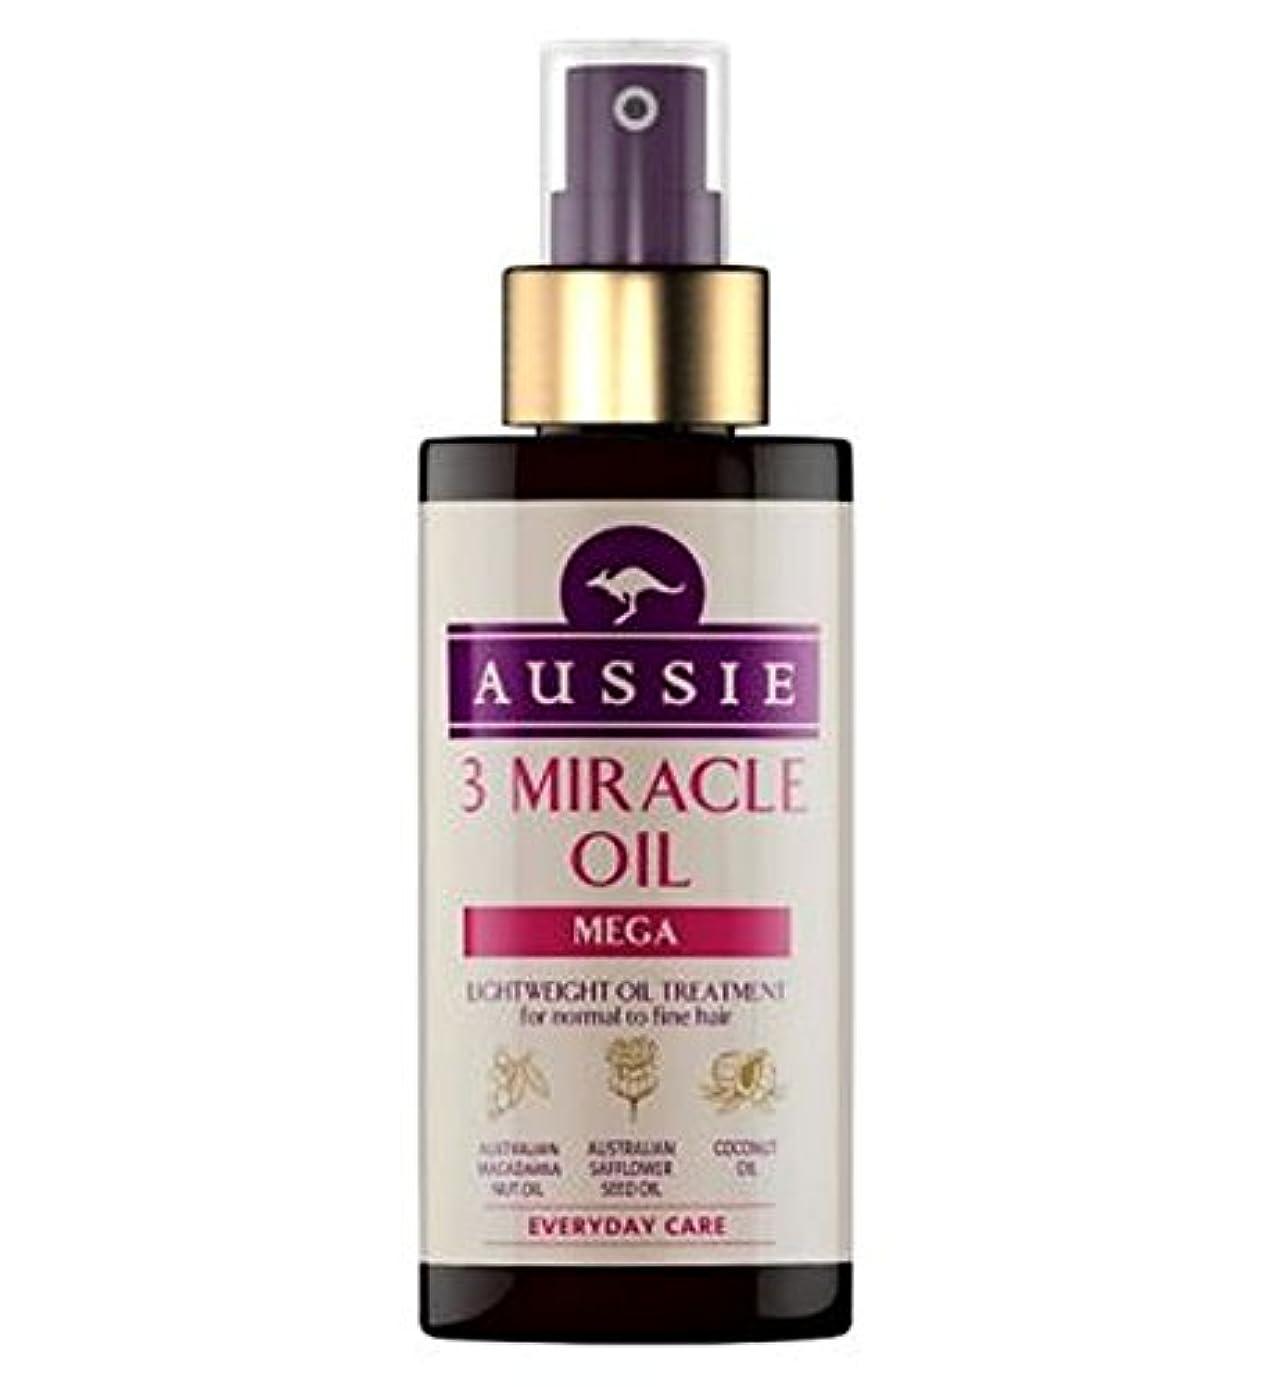 に渡って結婚した倫理Aussie 3 Miracle Oil Mega for Normal to Fine Hair 100ml - 細い髪の100ミリリットルに、通常のためのオージー3奇跡のオイルメガ (Aussie) [並行輸入品]